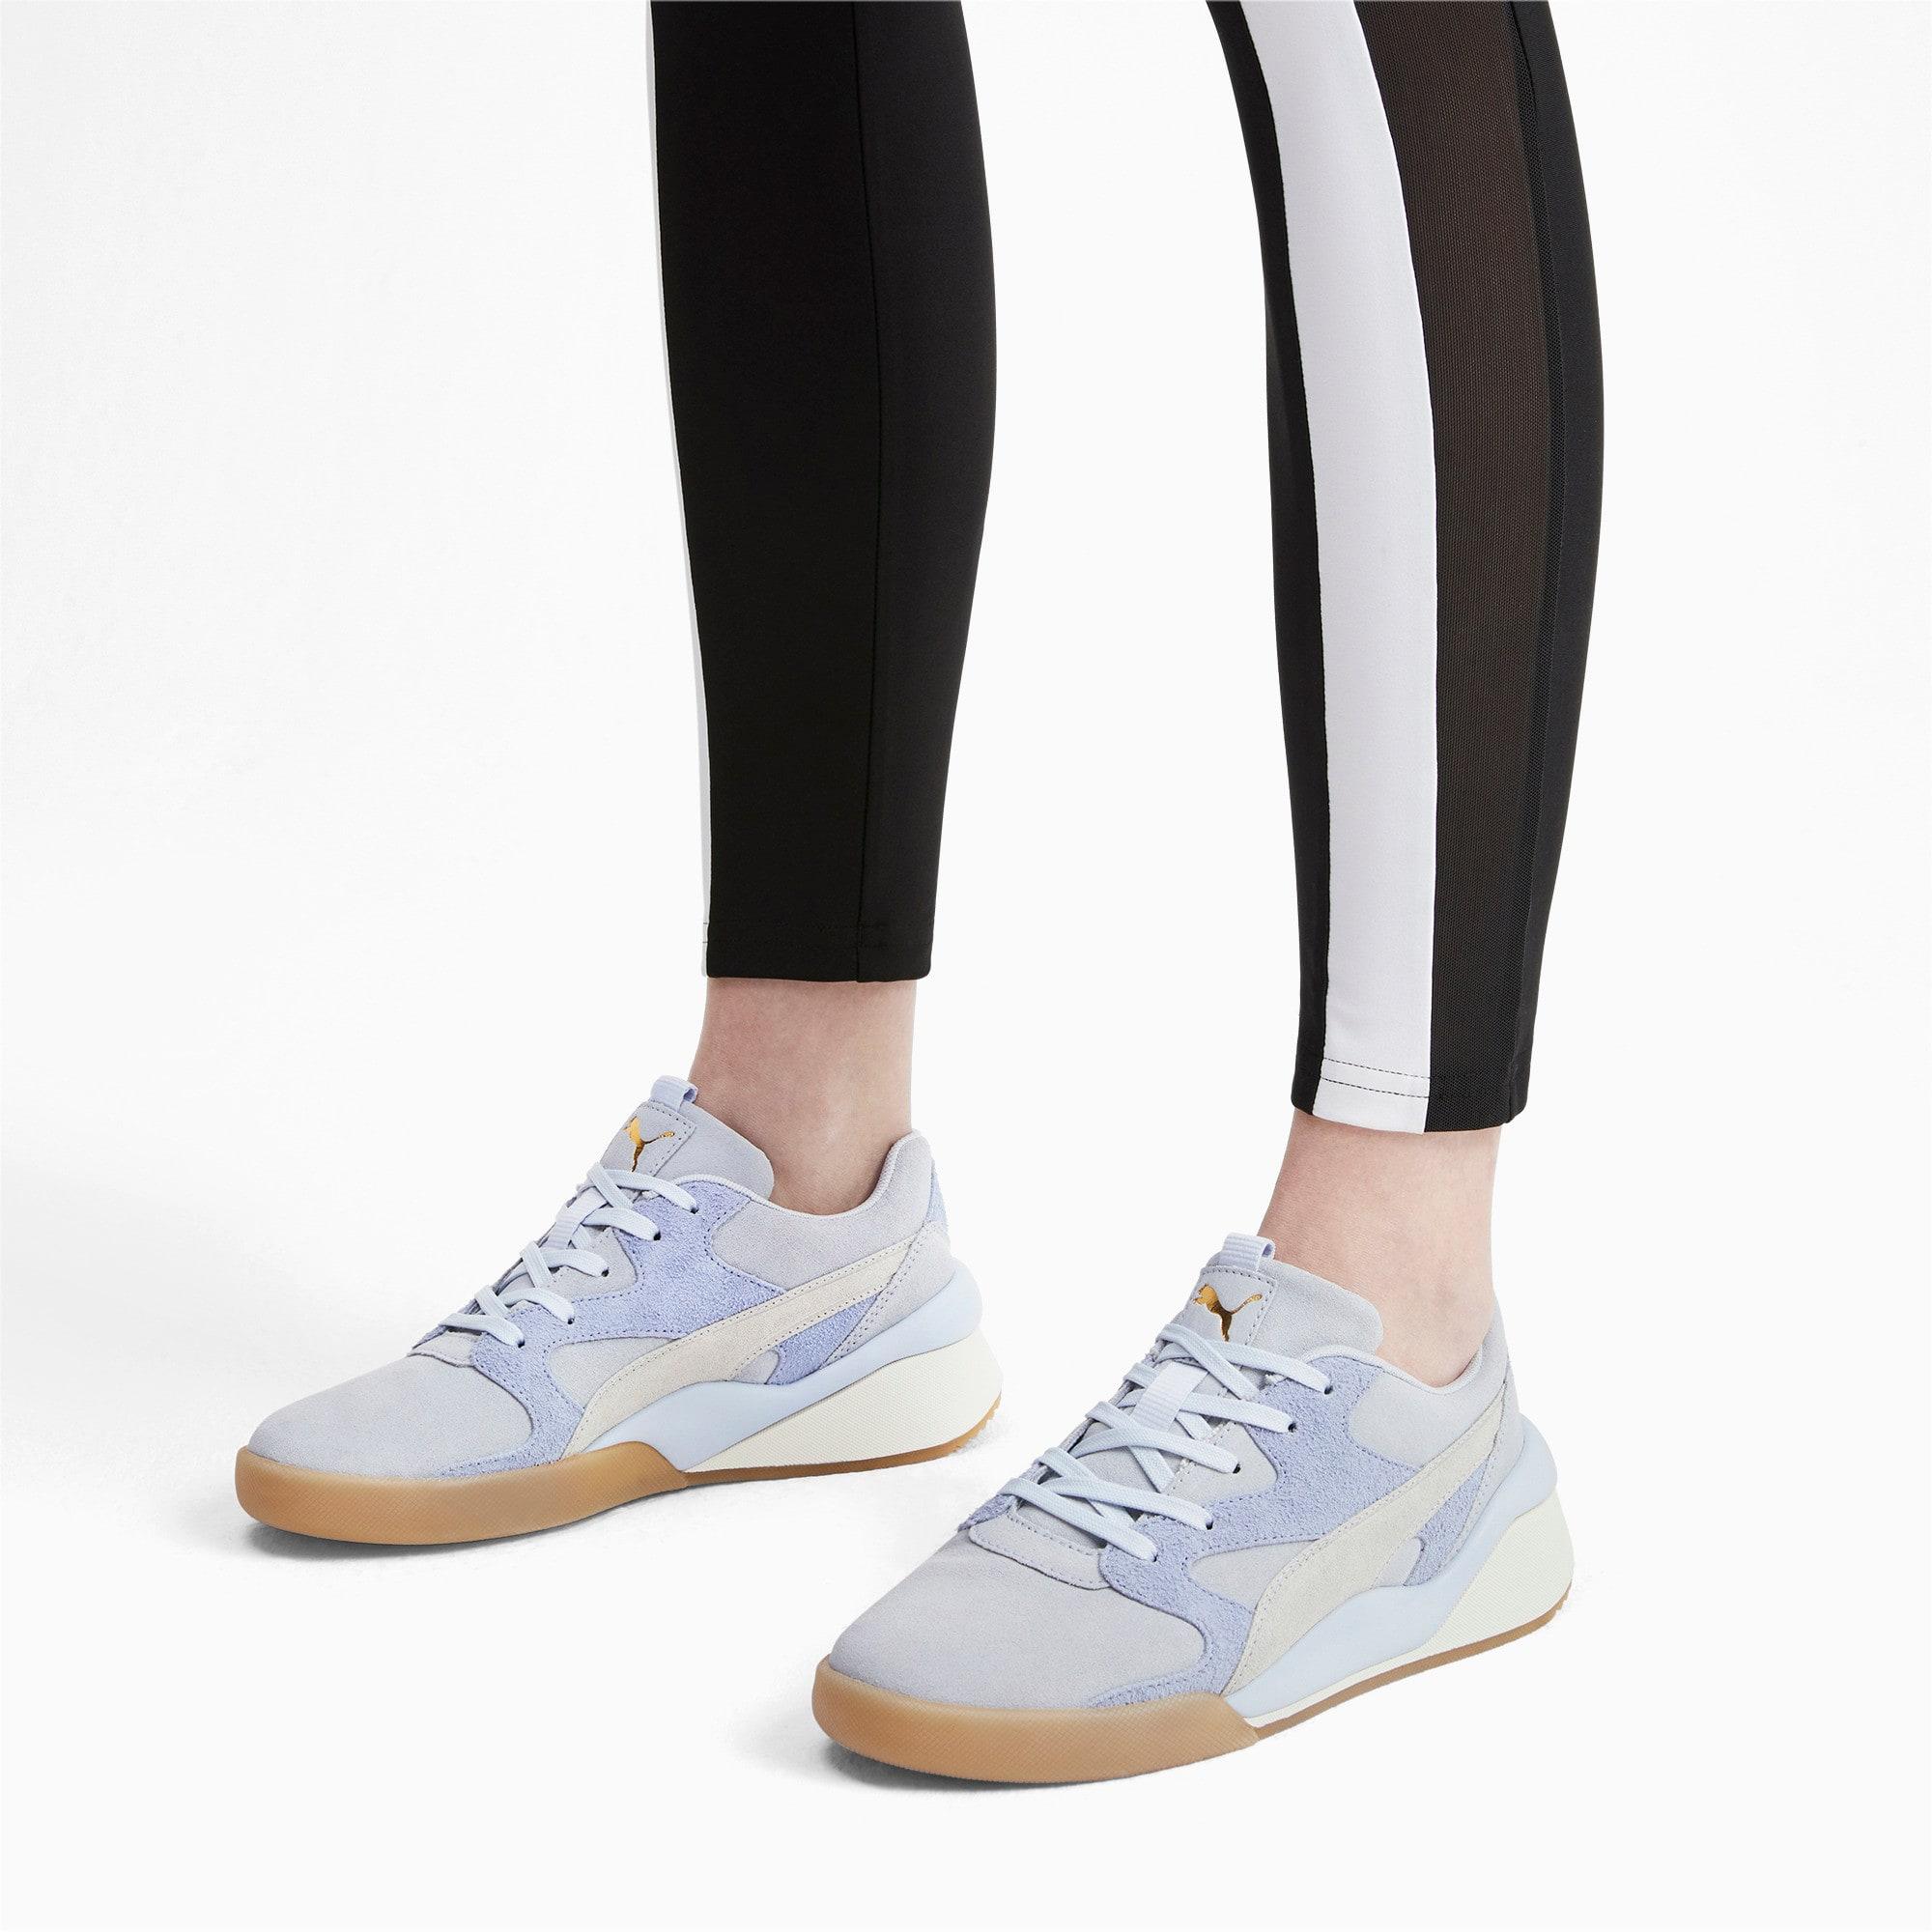 Thumbnail 2 of Aeon Rewind Women's Sneakers, Heather, medium